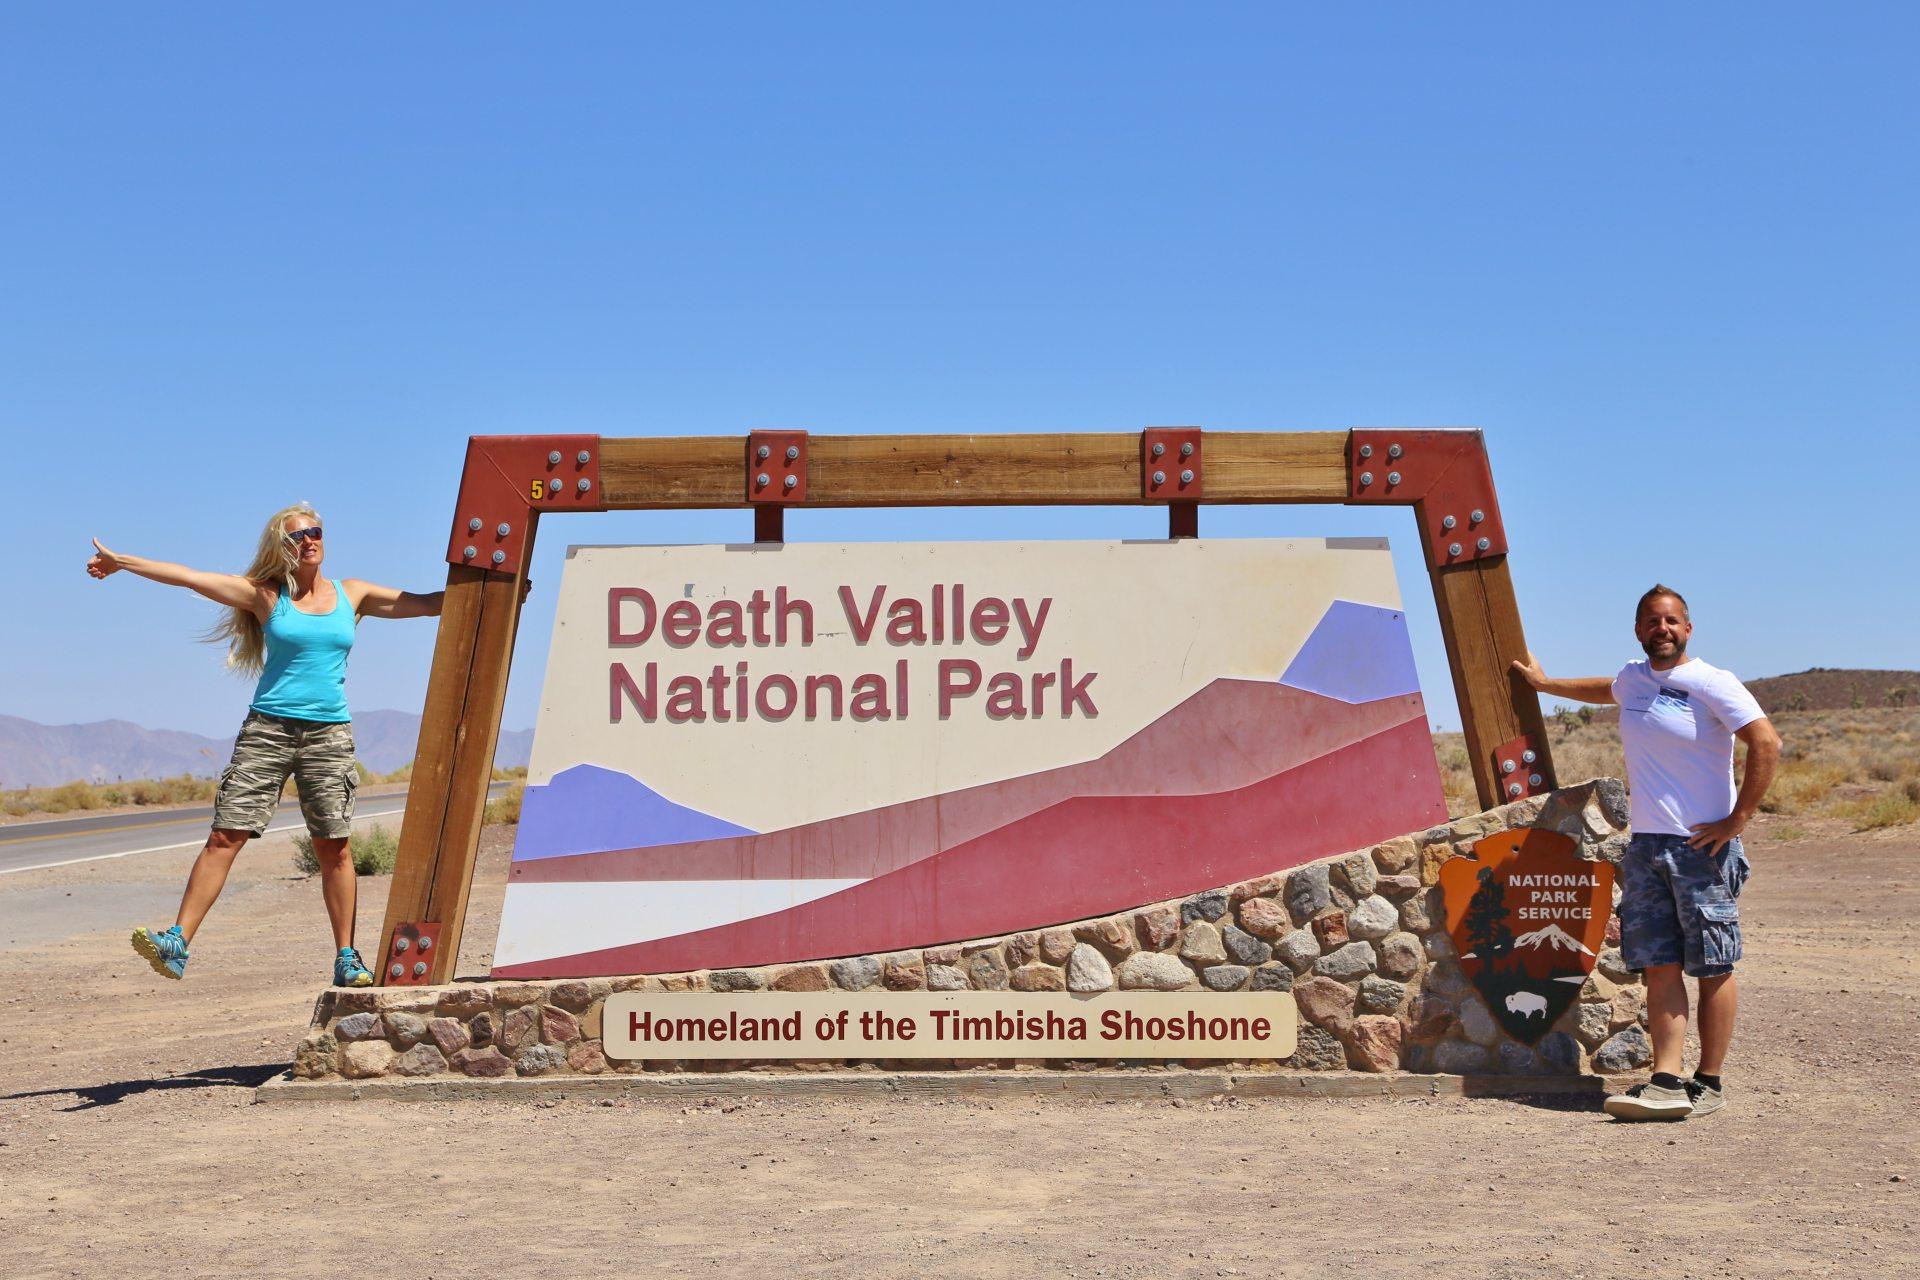 Death Valley - jetzt wirds richtig heiß! - Beschilderung, Blondine, Death Valley National Park, Einfahrt, Einfahrtsschild, Himmel, Kalifornien, Personen, Portrait, Porträt, Schild, Tafel, Welcome-Schild - HOFBAUER-HOFMANN Sofia, WEISSINGER Andreas - (Lane Mill (historical), Darwin, California, Vereinigte Staaten)